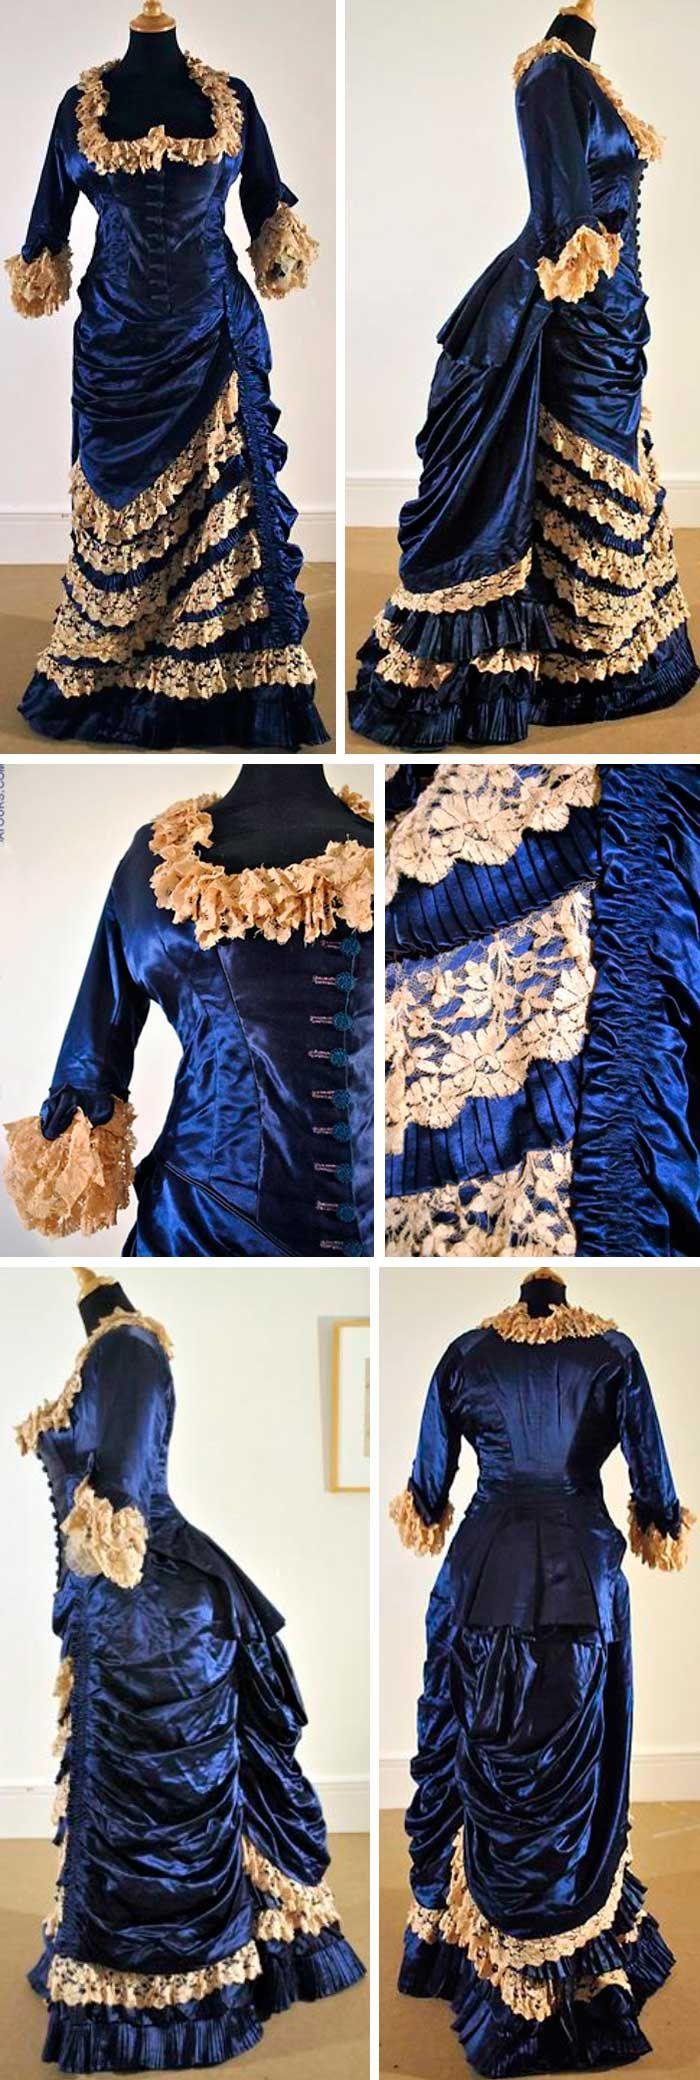 Robe de soirée, ca. 1885. Silk satin and blonde lace. La Dame d'Atours (historical collection)